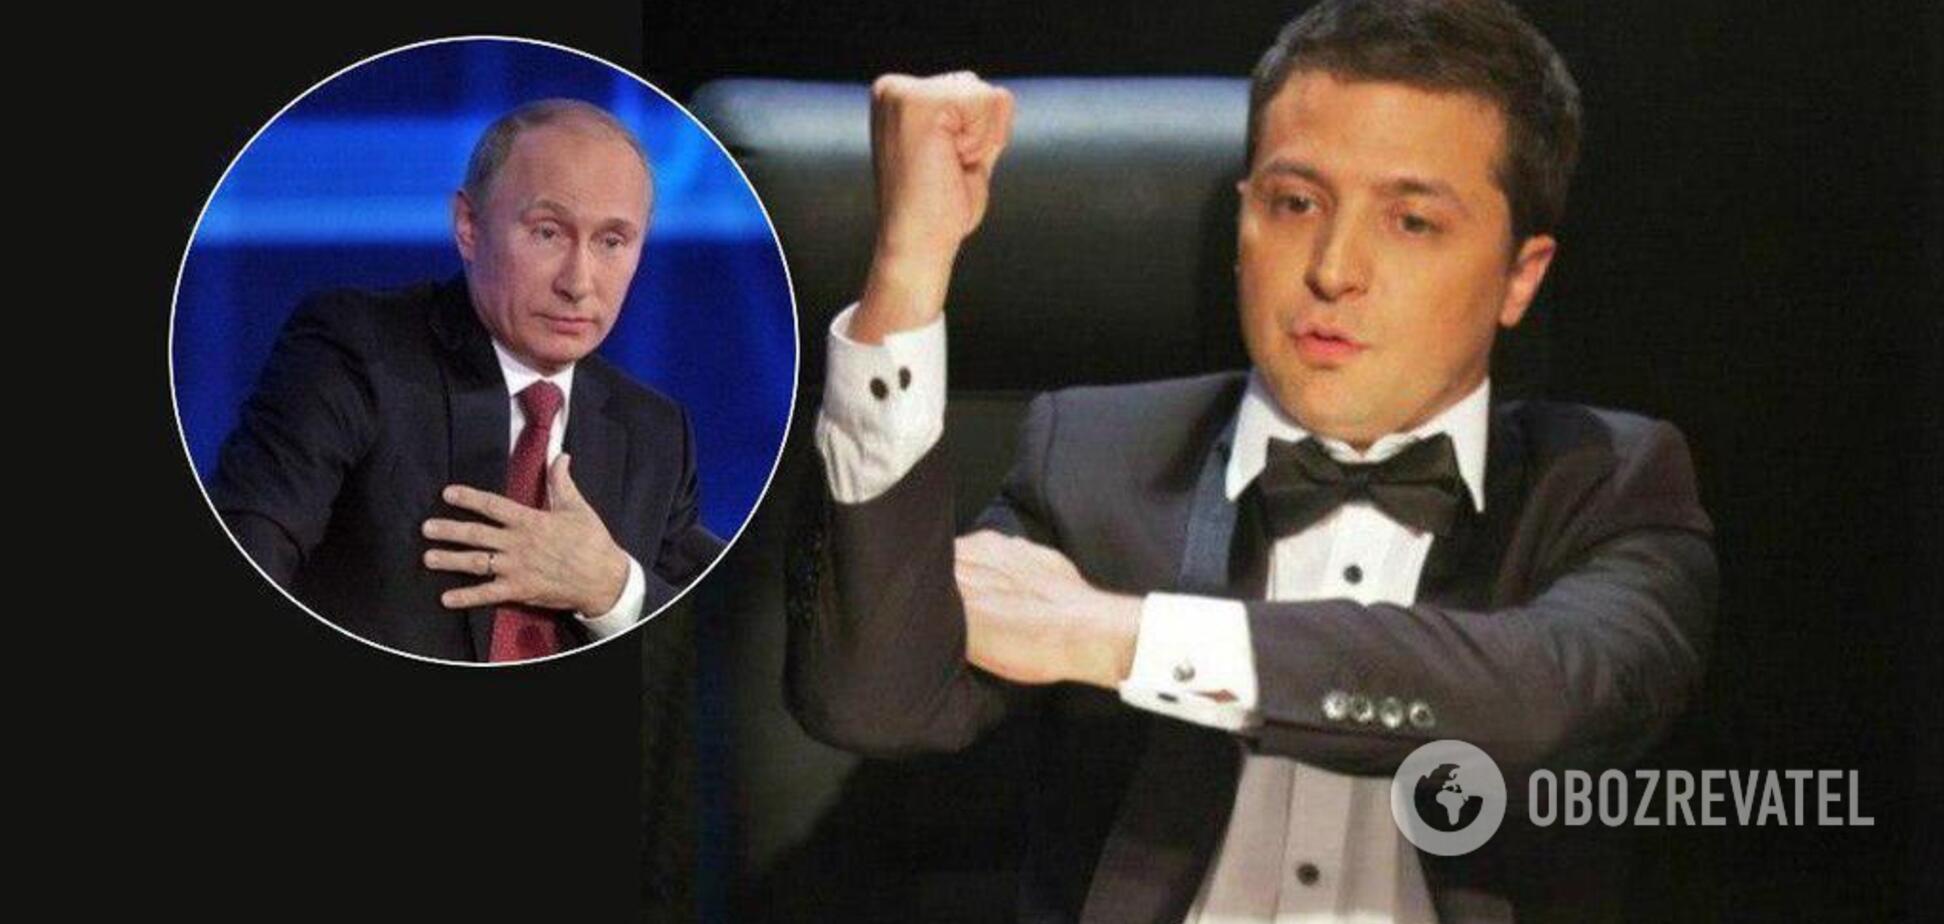 Зеленский приготовил ответ на провокацию Путина с паспортами